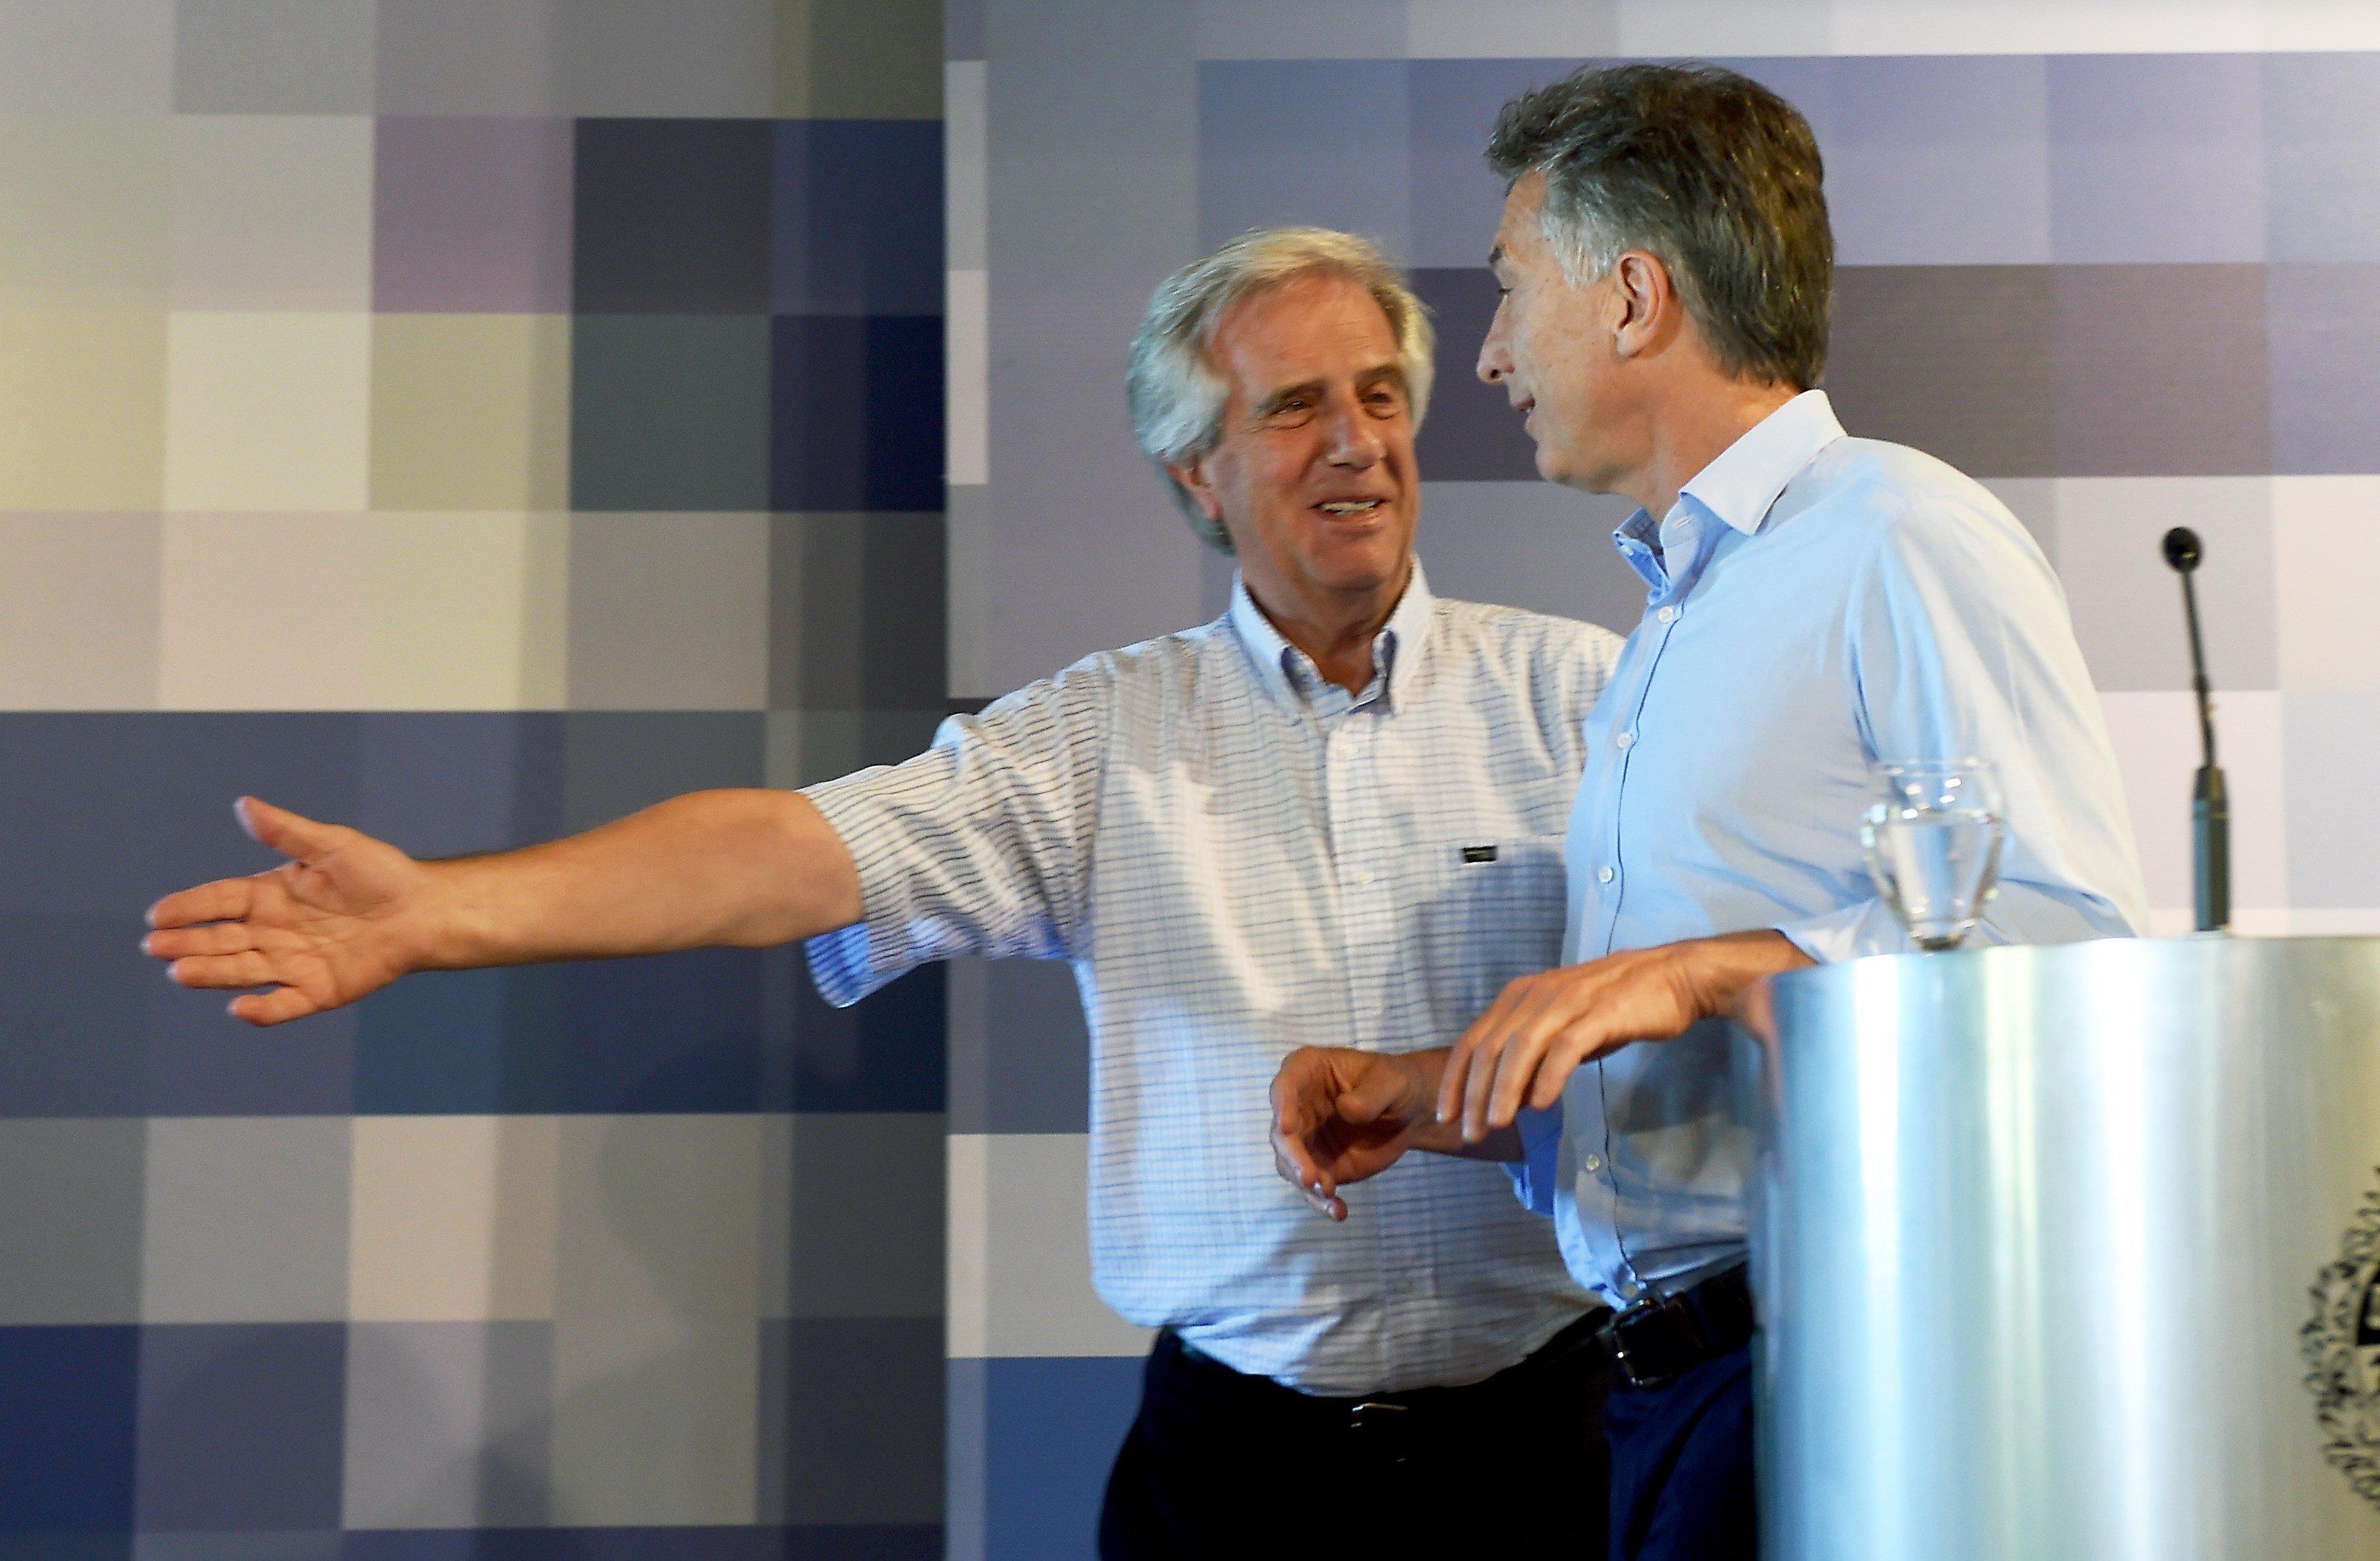 Tabaré Vázquez y Mauricio Macri se reunirán en Anchorena el miércoles 13